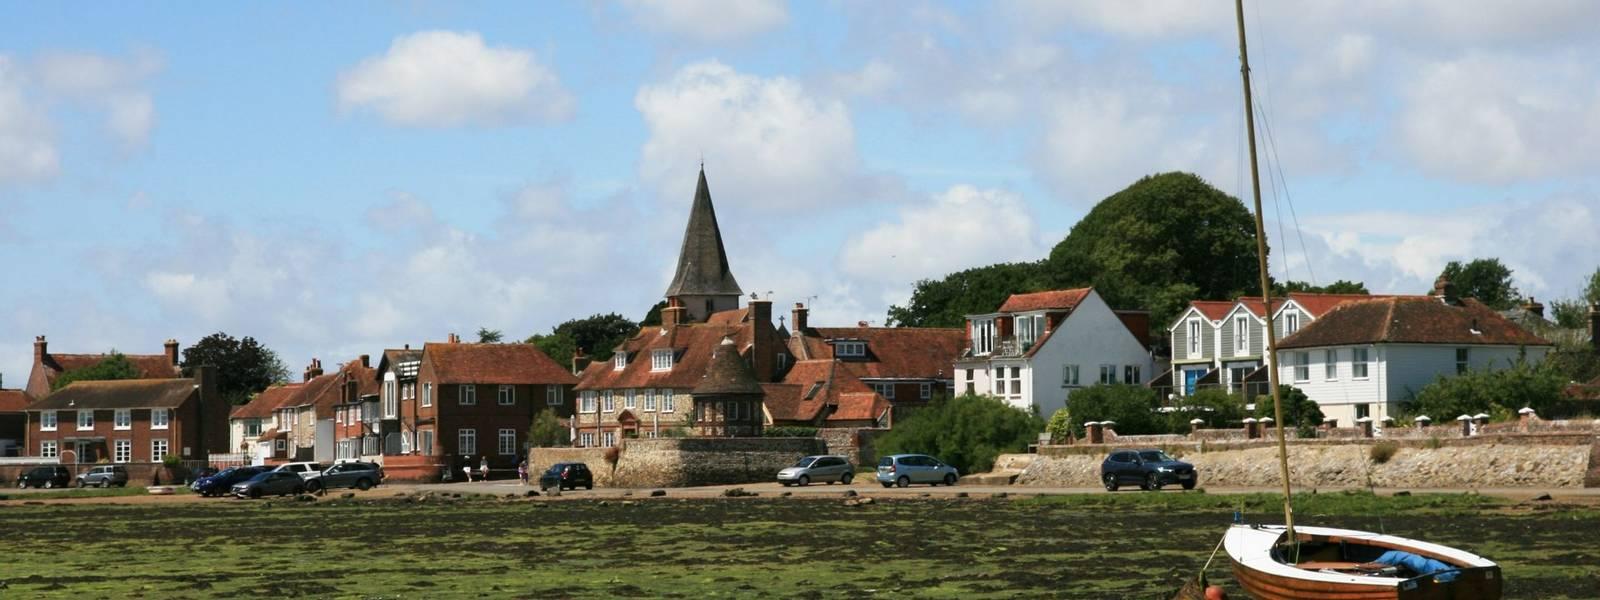 Bosham_Sussex.JPG